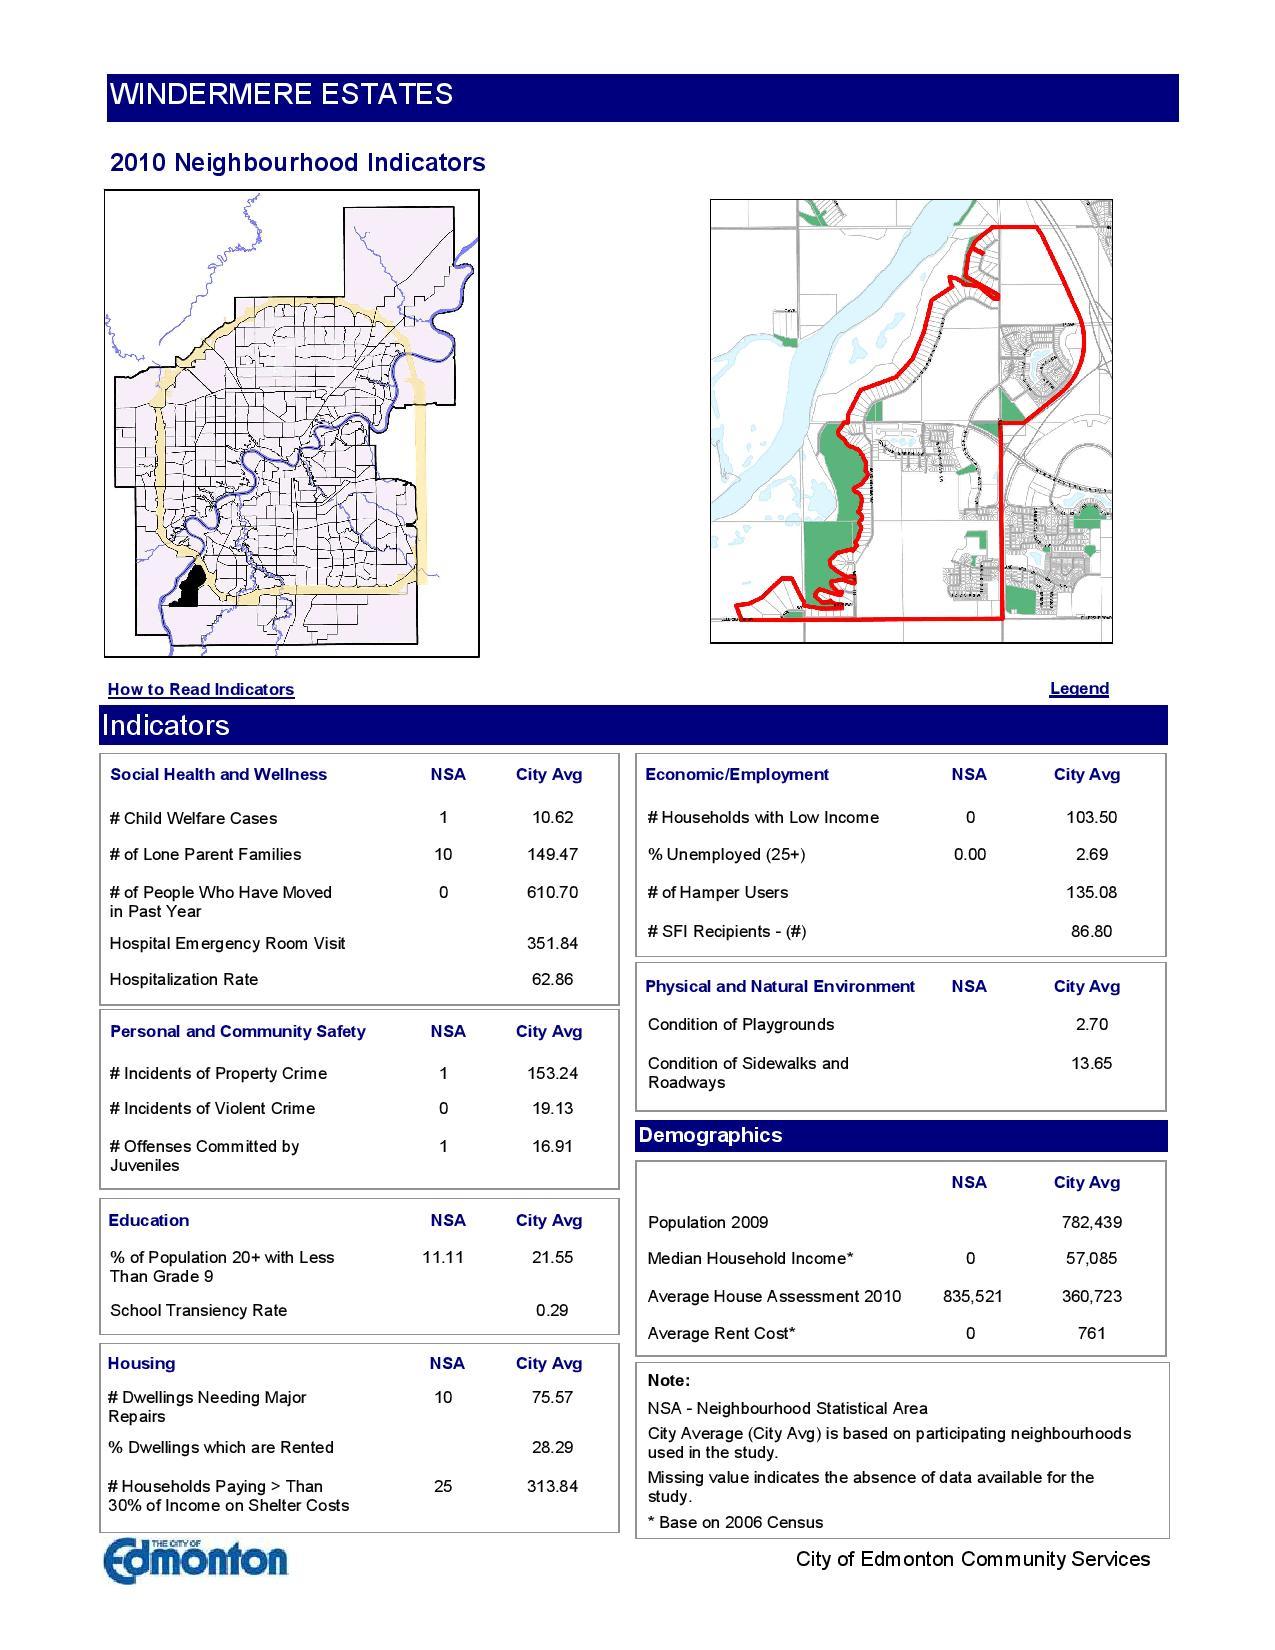 Windermere Edmonton statistics